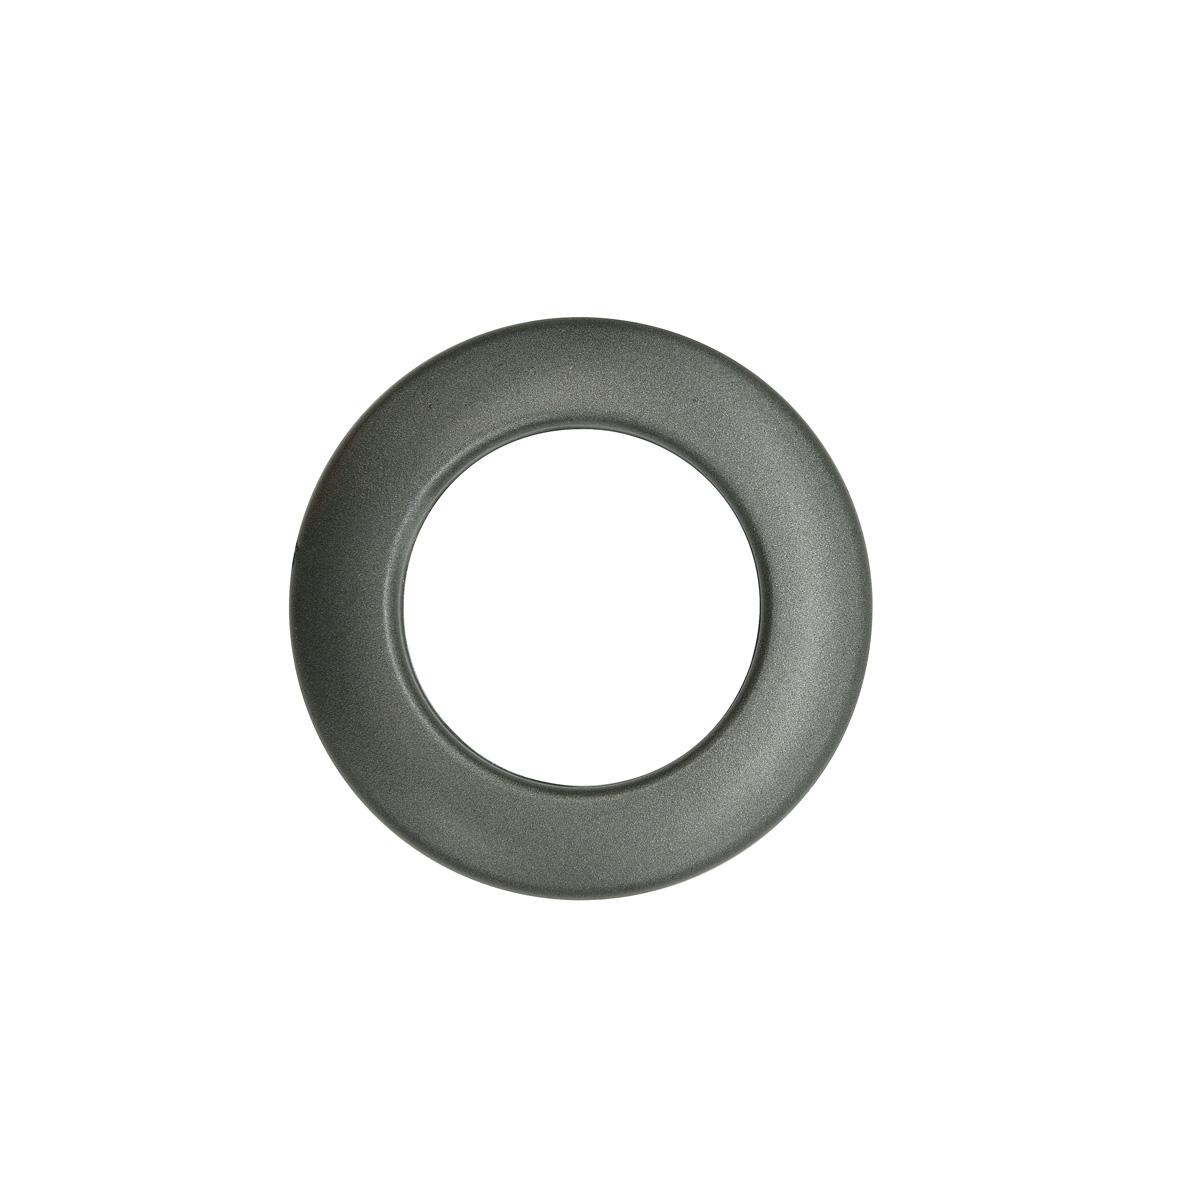 Люверс шторный, d 35 мм, графит (06), упак./10 шт., Belladonna